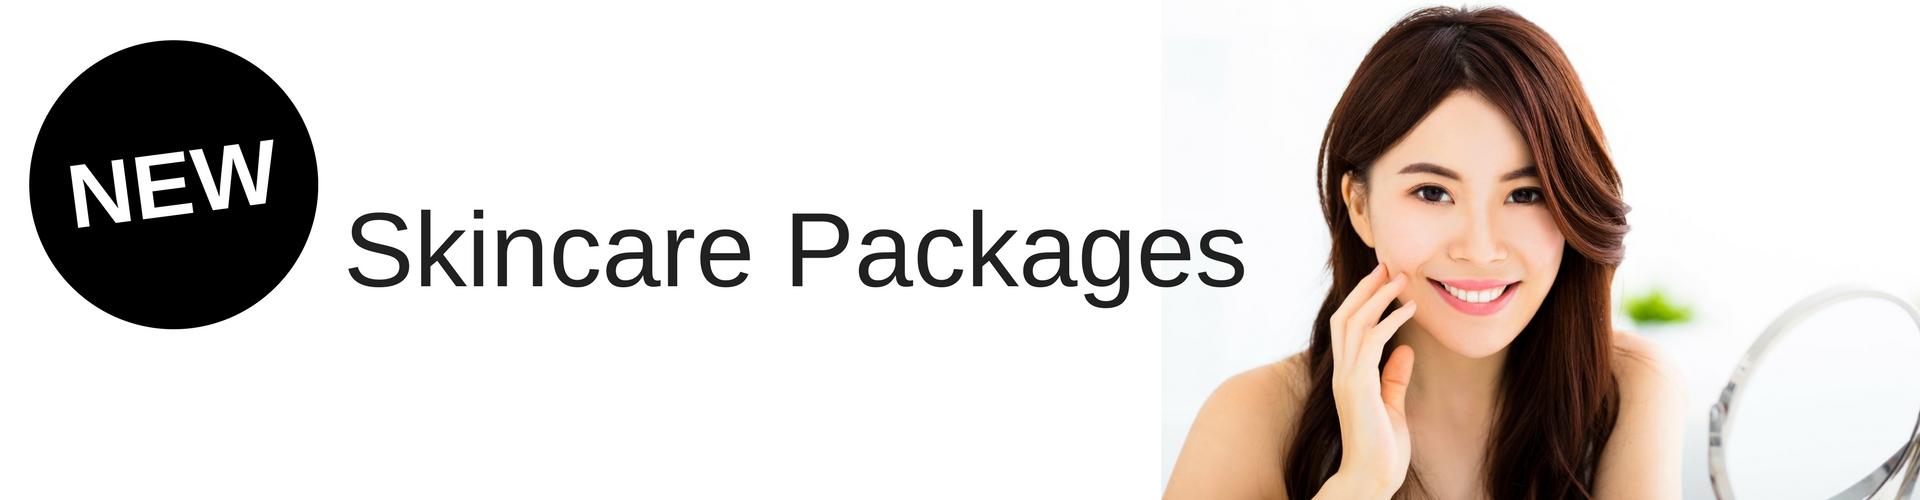 Skincare Packages_slide 1 black_jpg